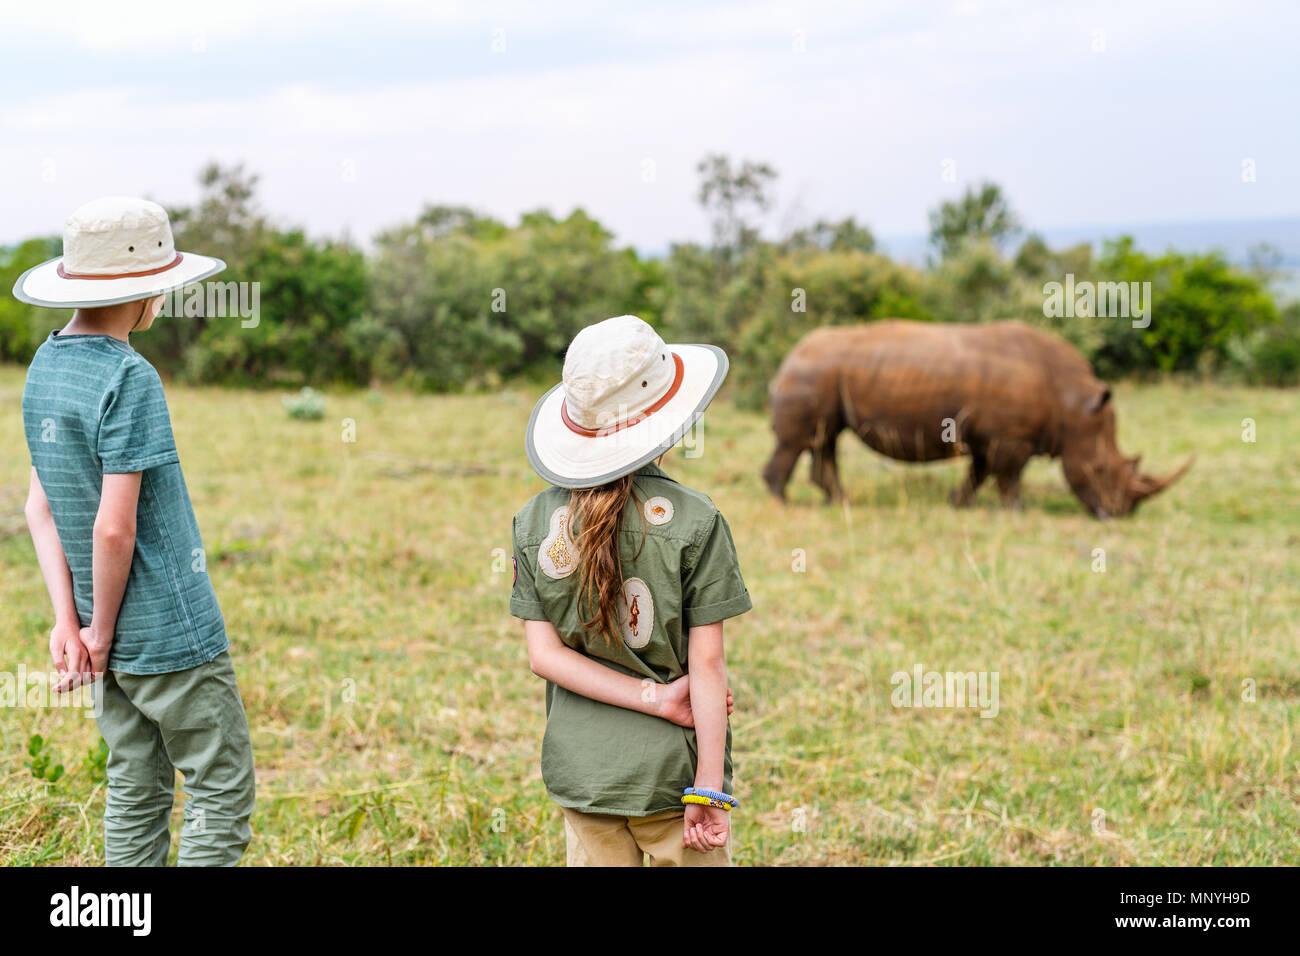 Vista posteriore dei bambini su safari a piedi vicino al rinoceronte bianco Immagini Stock